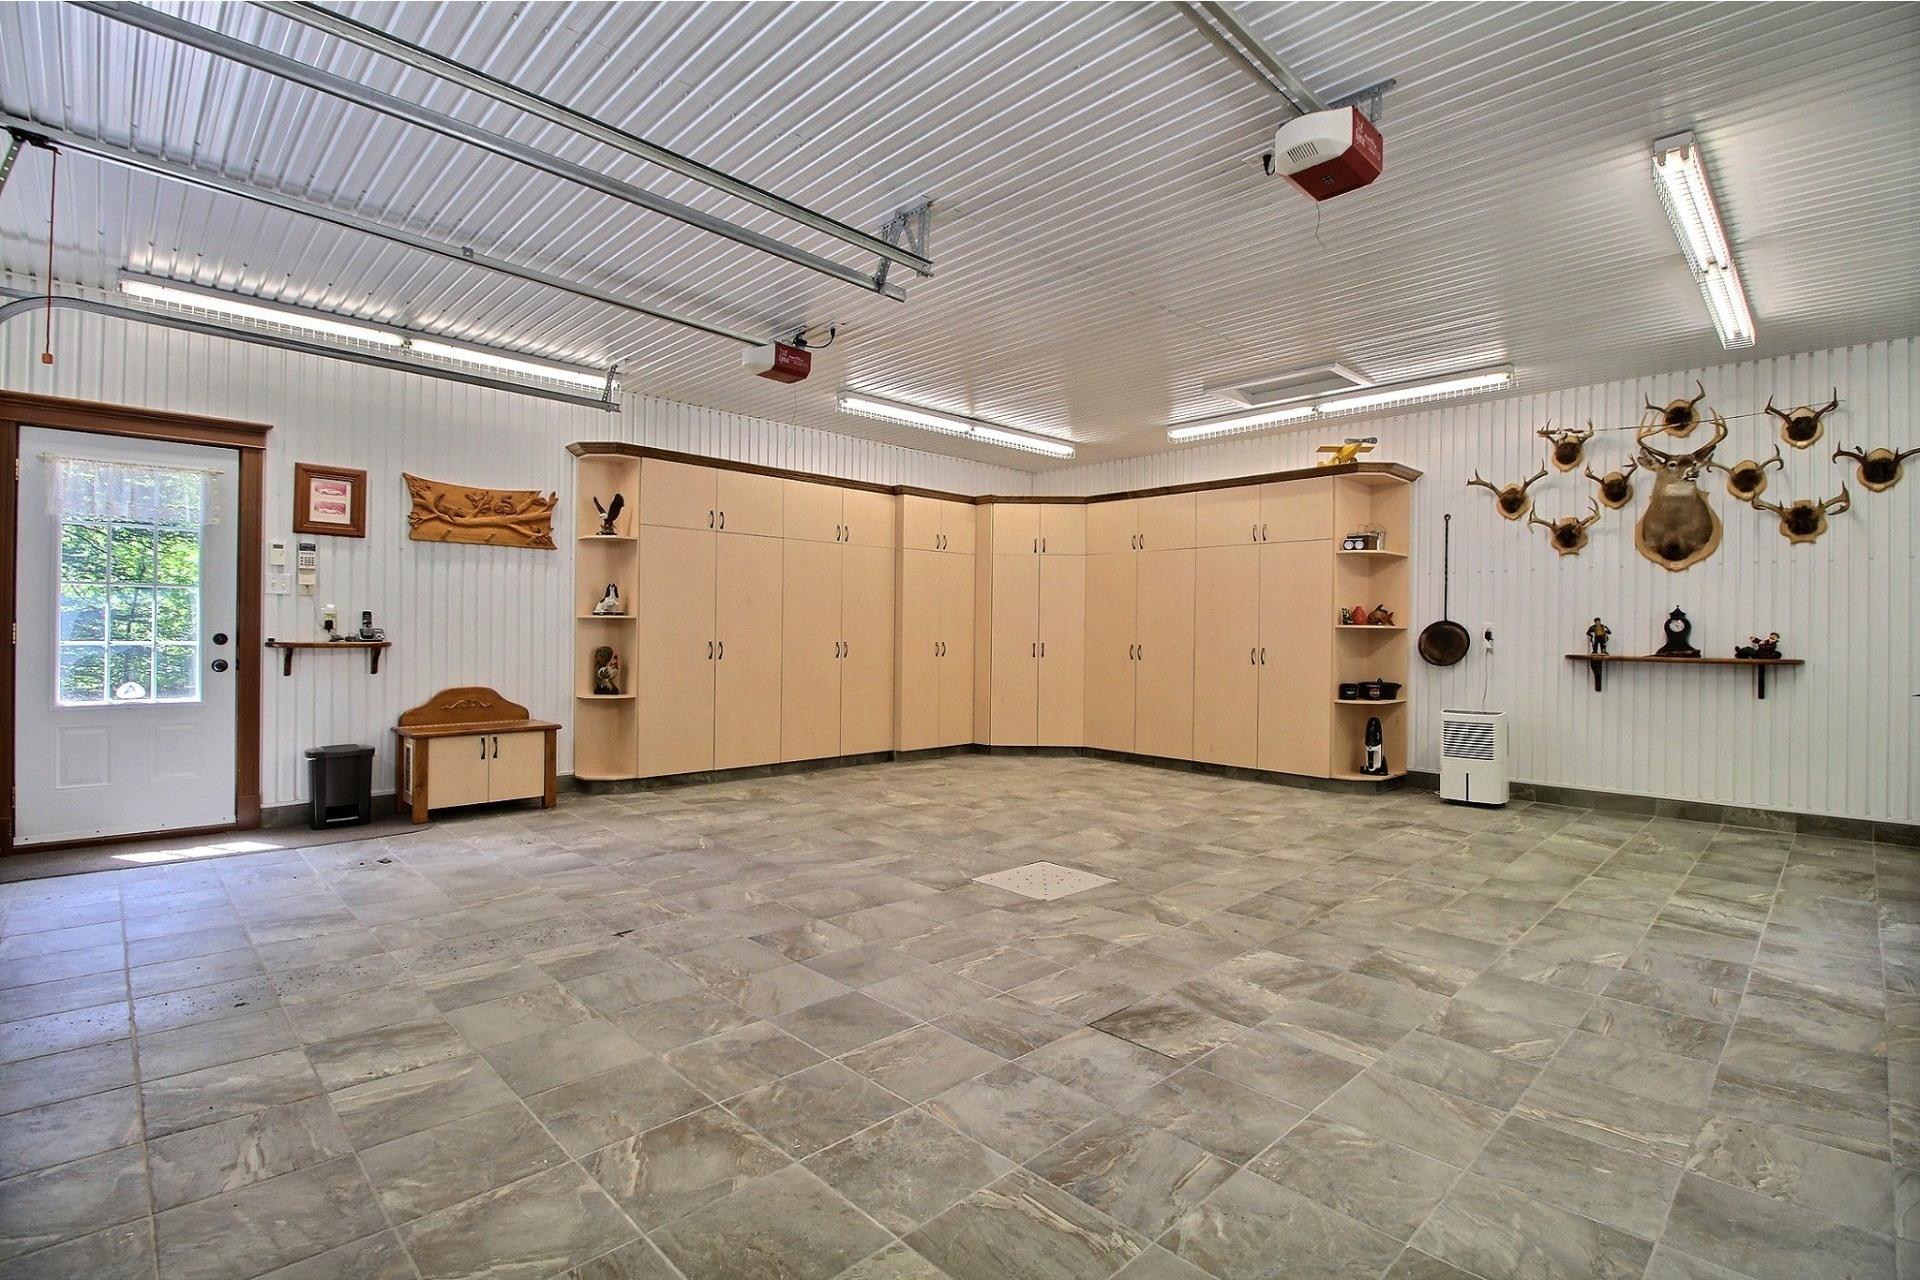 image 21 - Maison À vendre Saint-Félix-de-Valois - 4 pièces